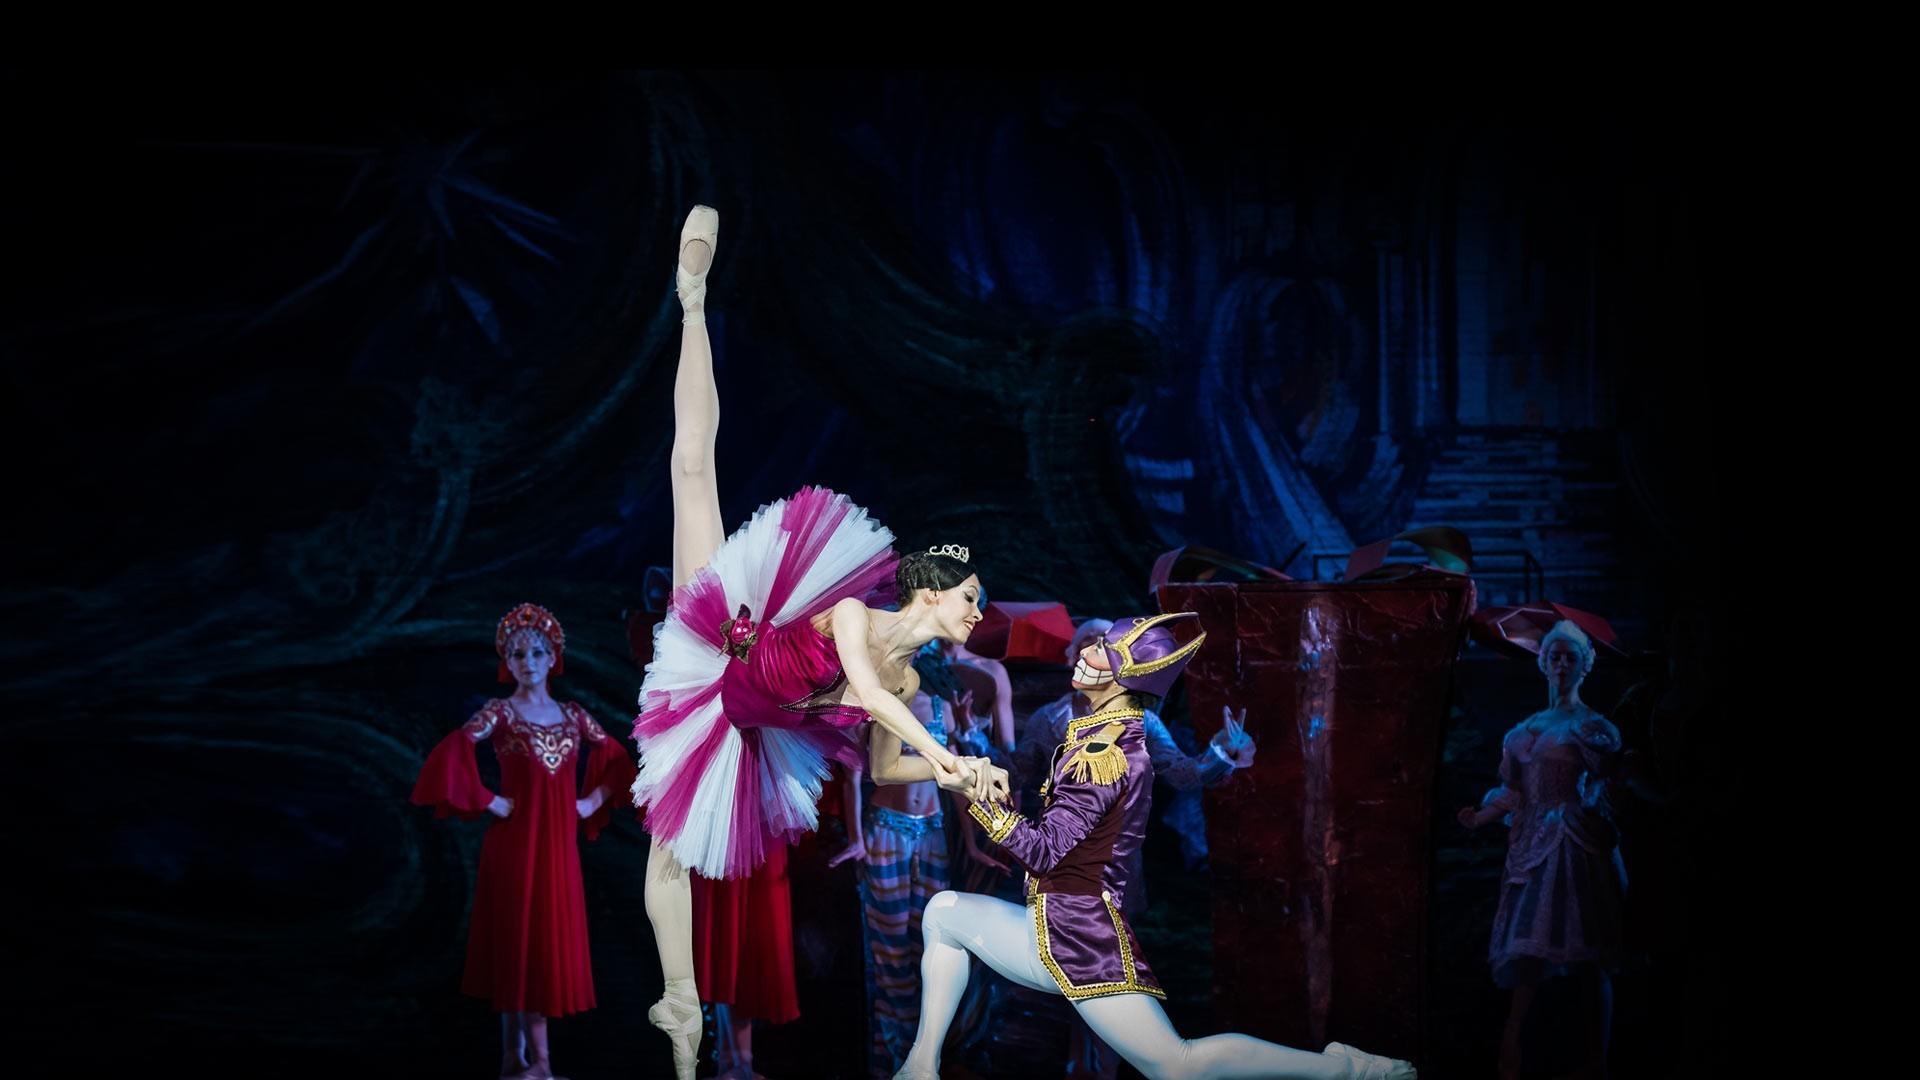 """Щелкунчик. П. Чайковский. Спектакль театра """"Кремлёвский балет"""""""